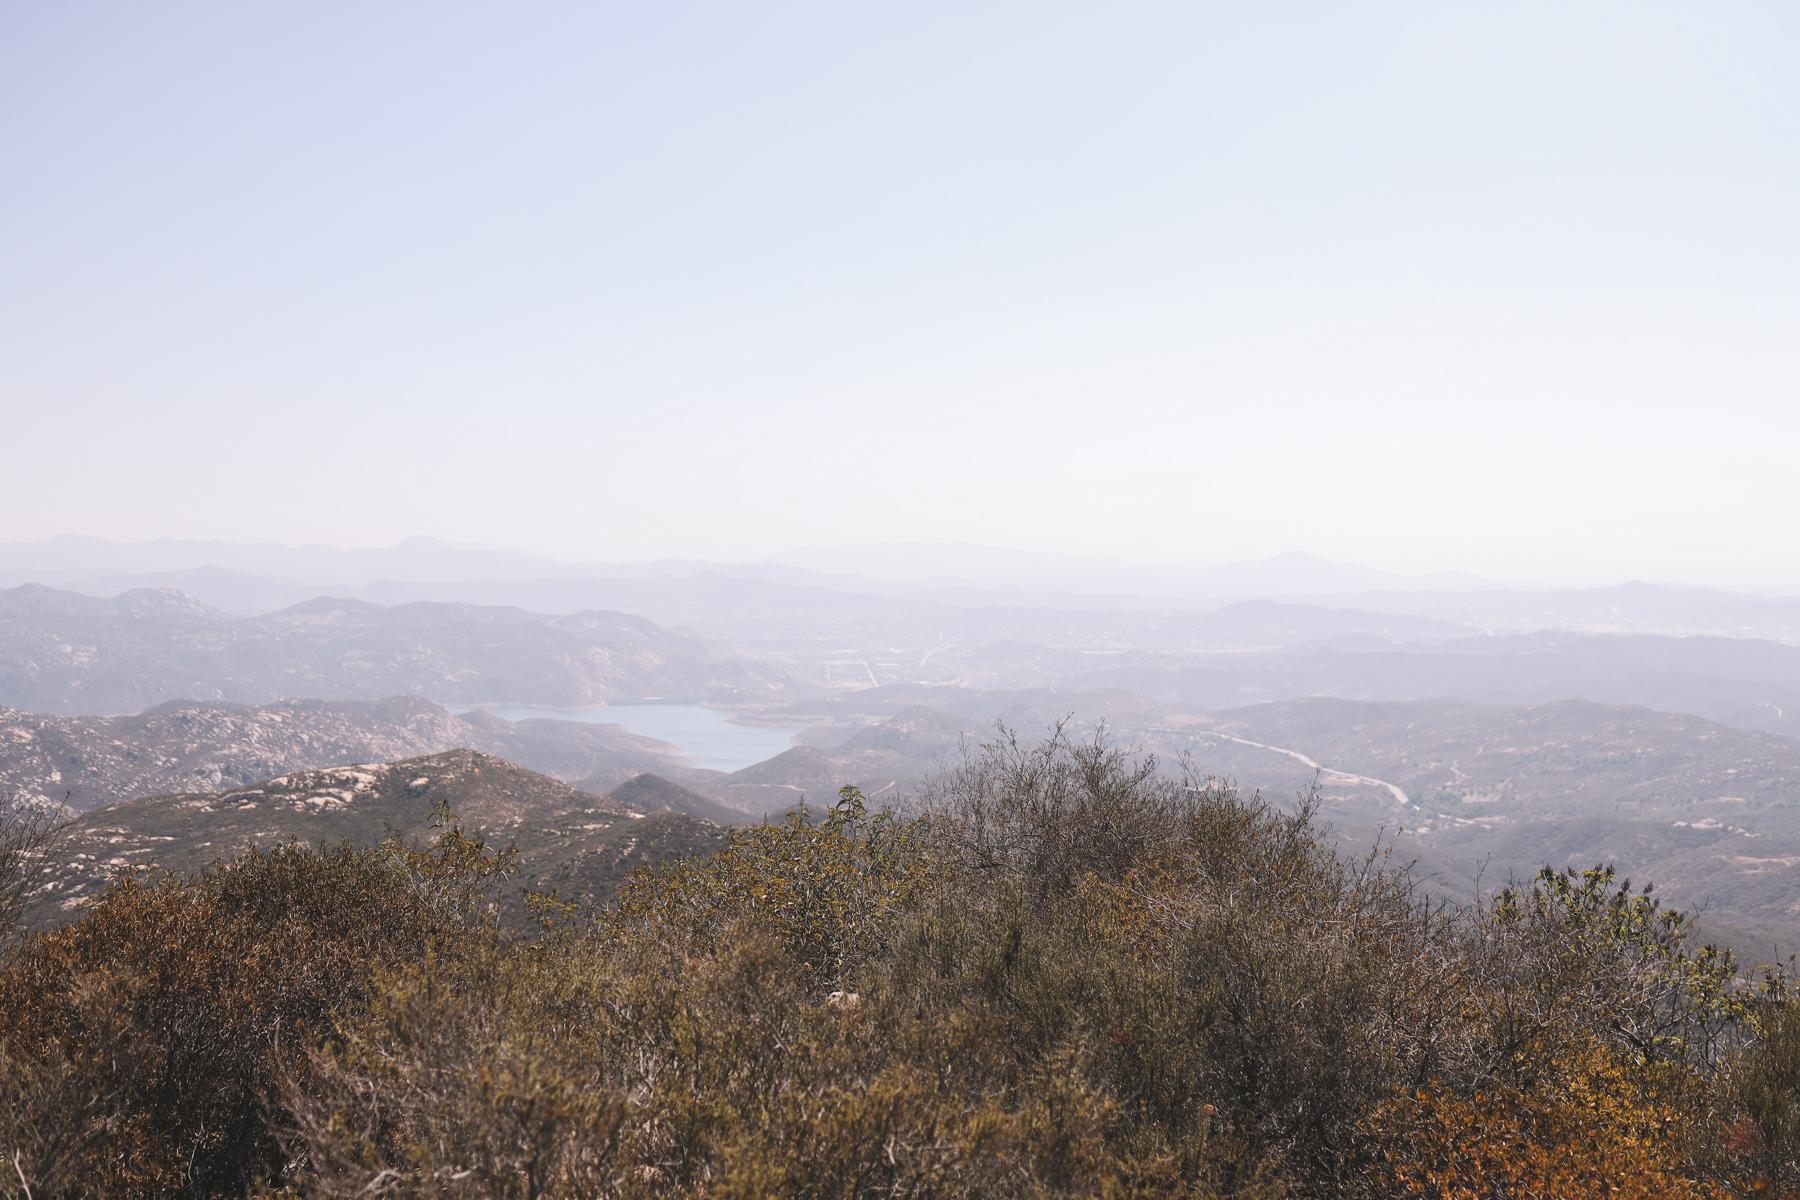 Iron Mountain Hike San Diego views